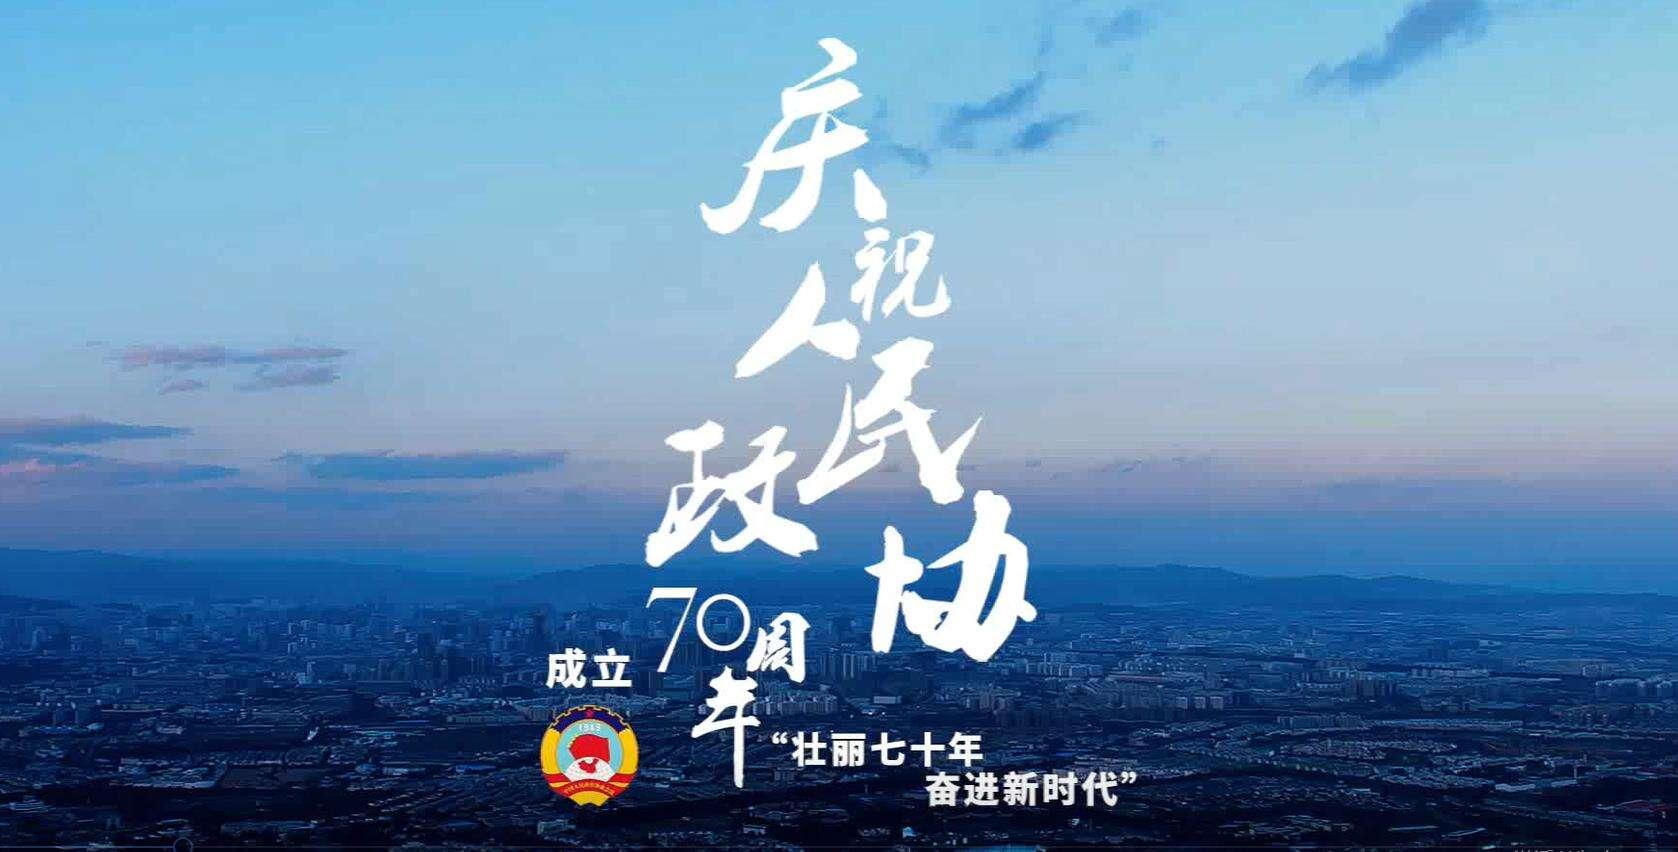 庆祝人民政协成立70周年——寻甸篇